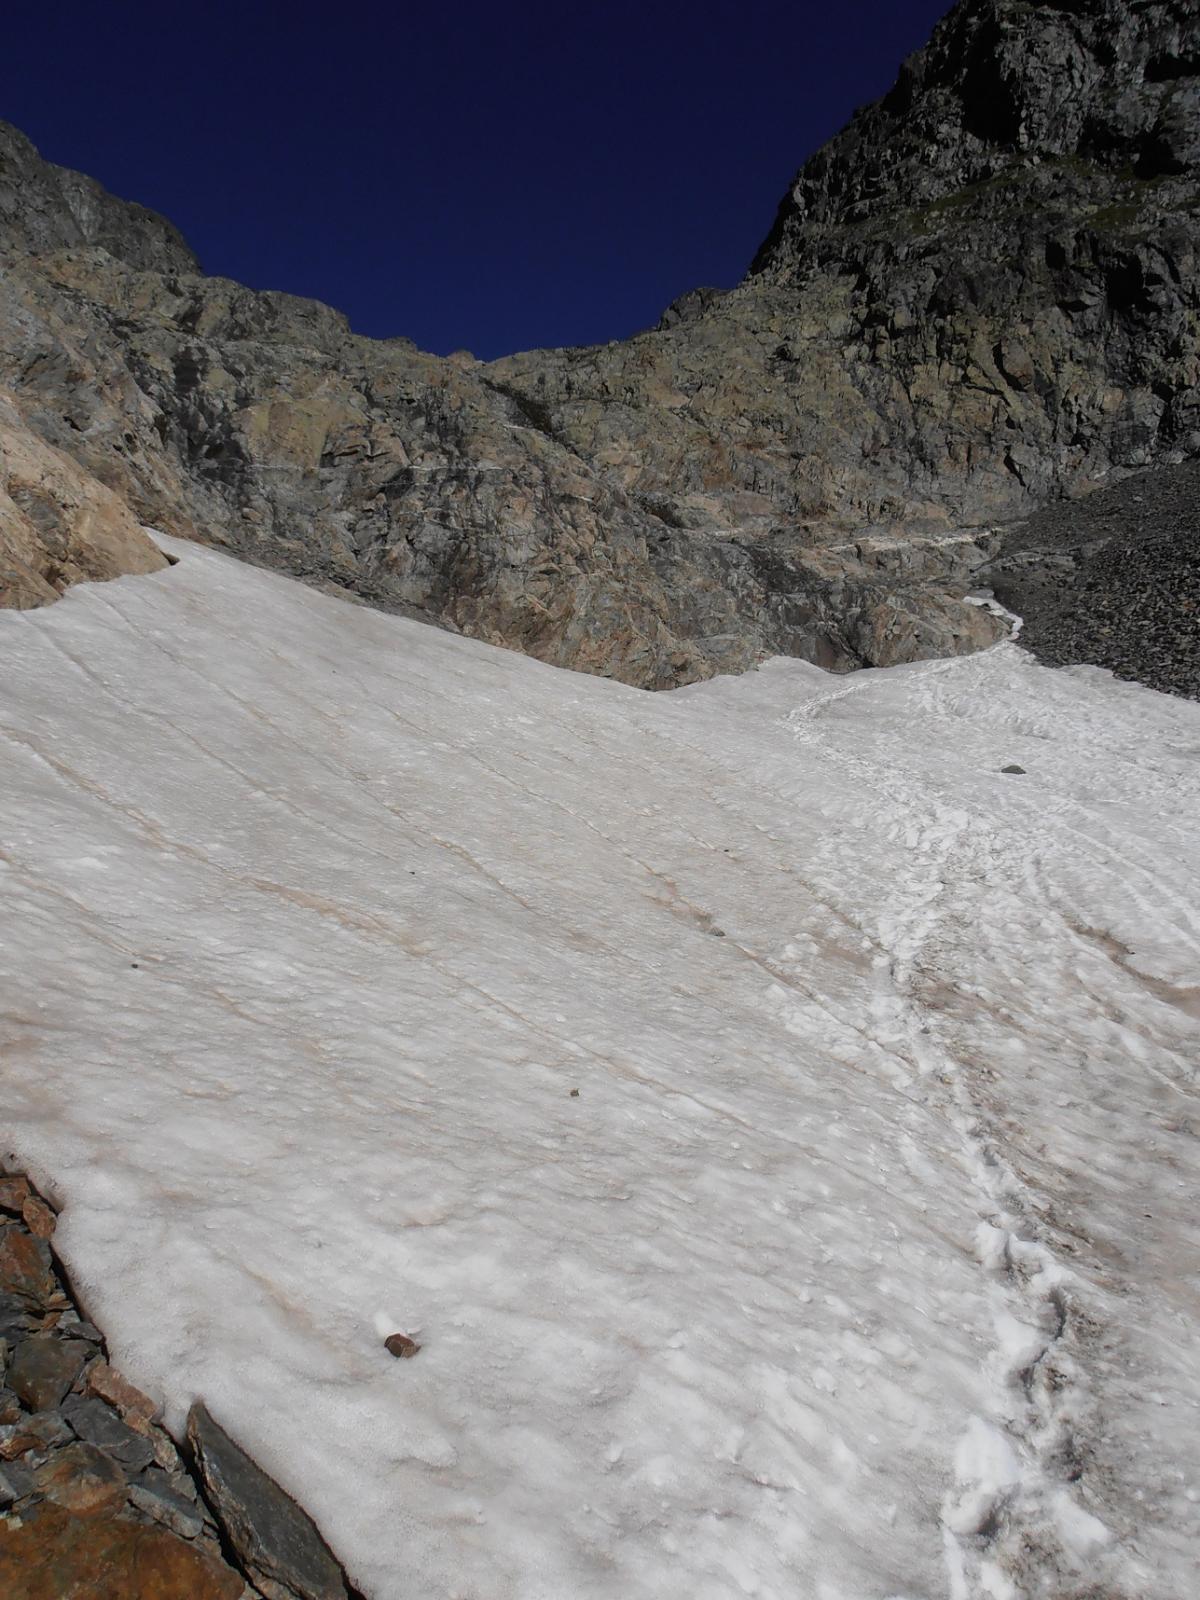 07 - unico nevaio nel vallone, si supera senza ramponi